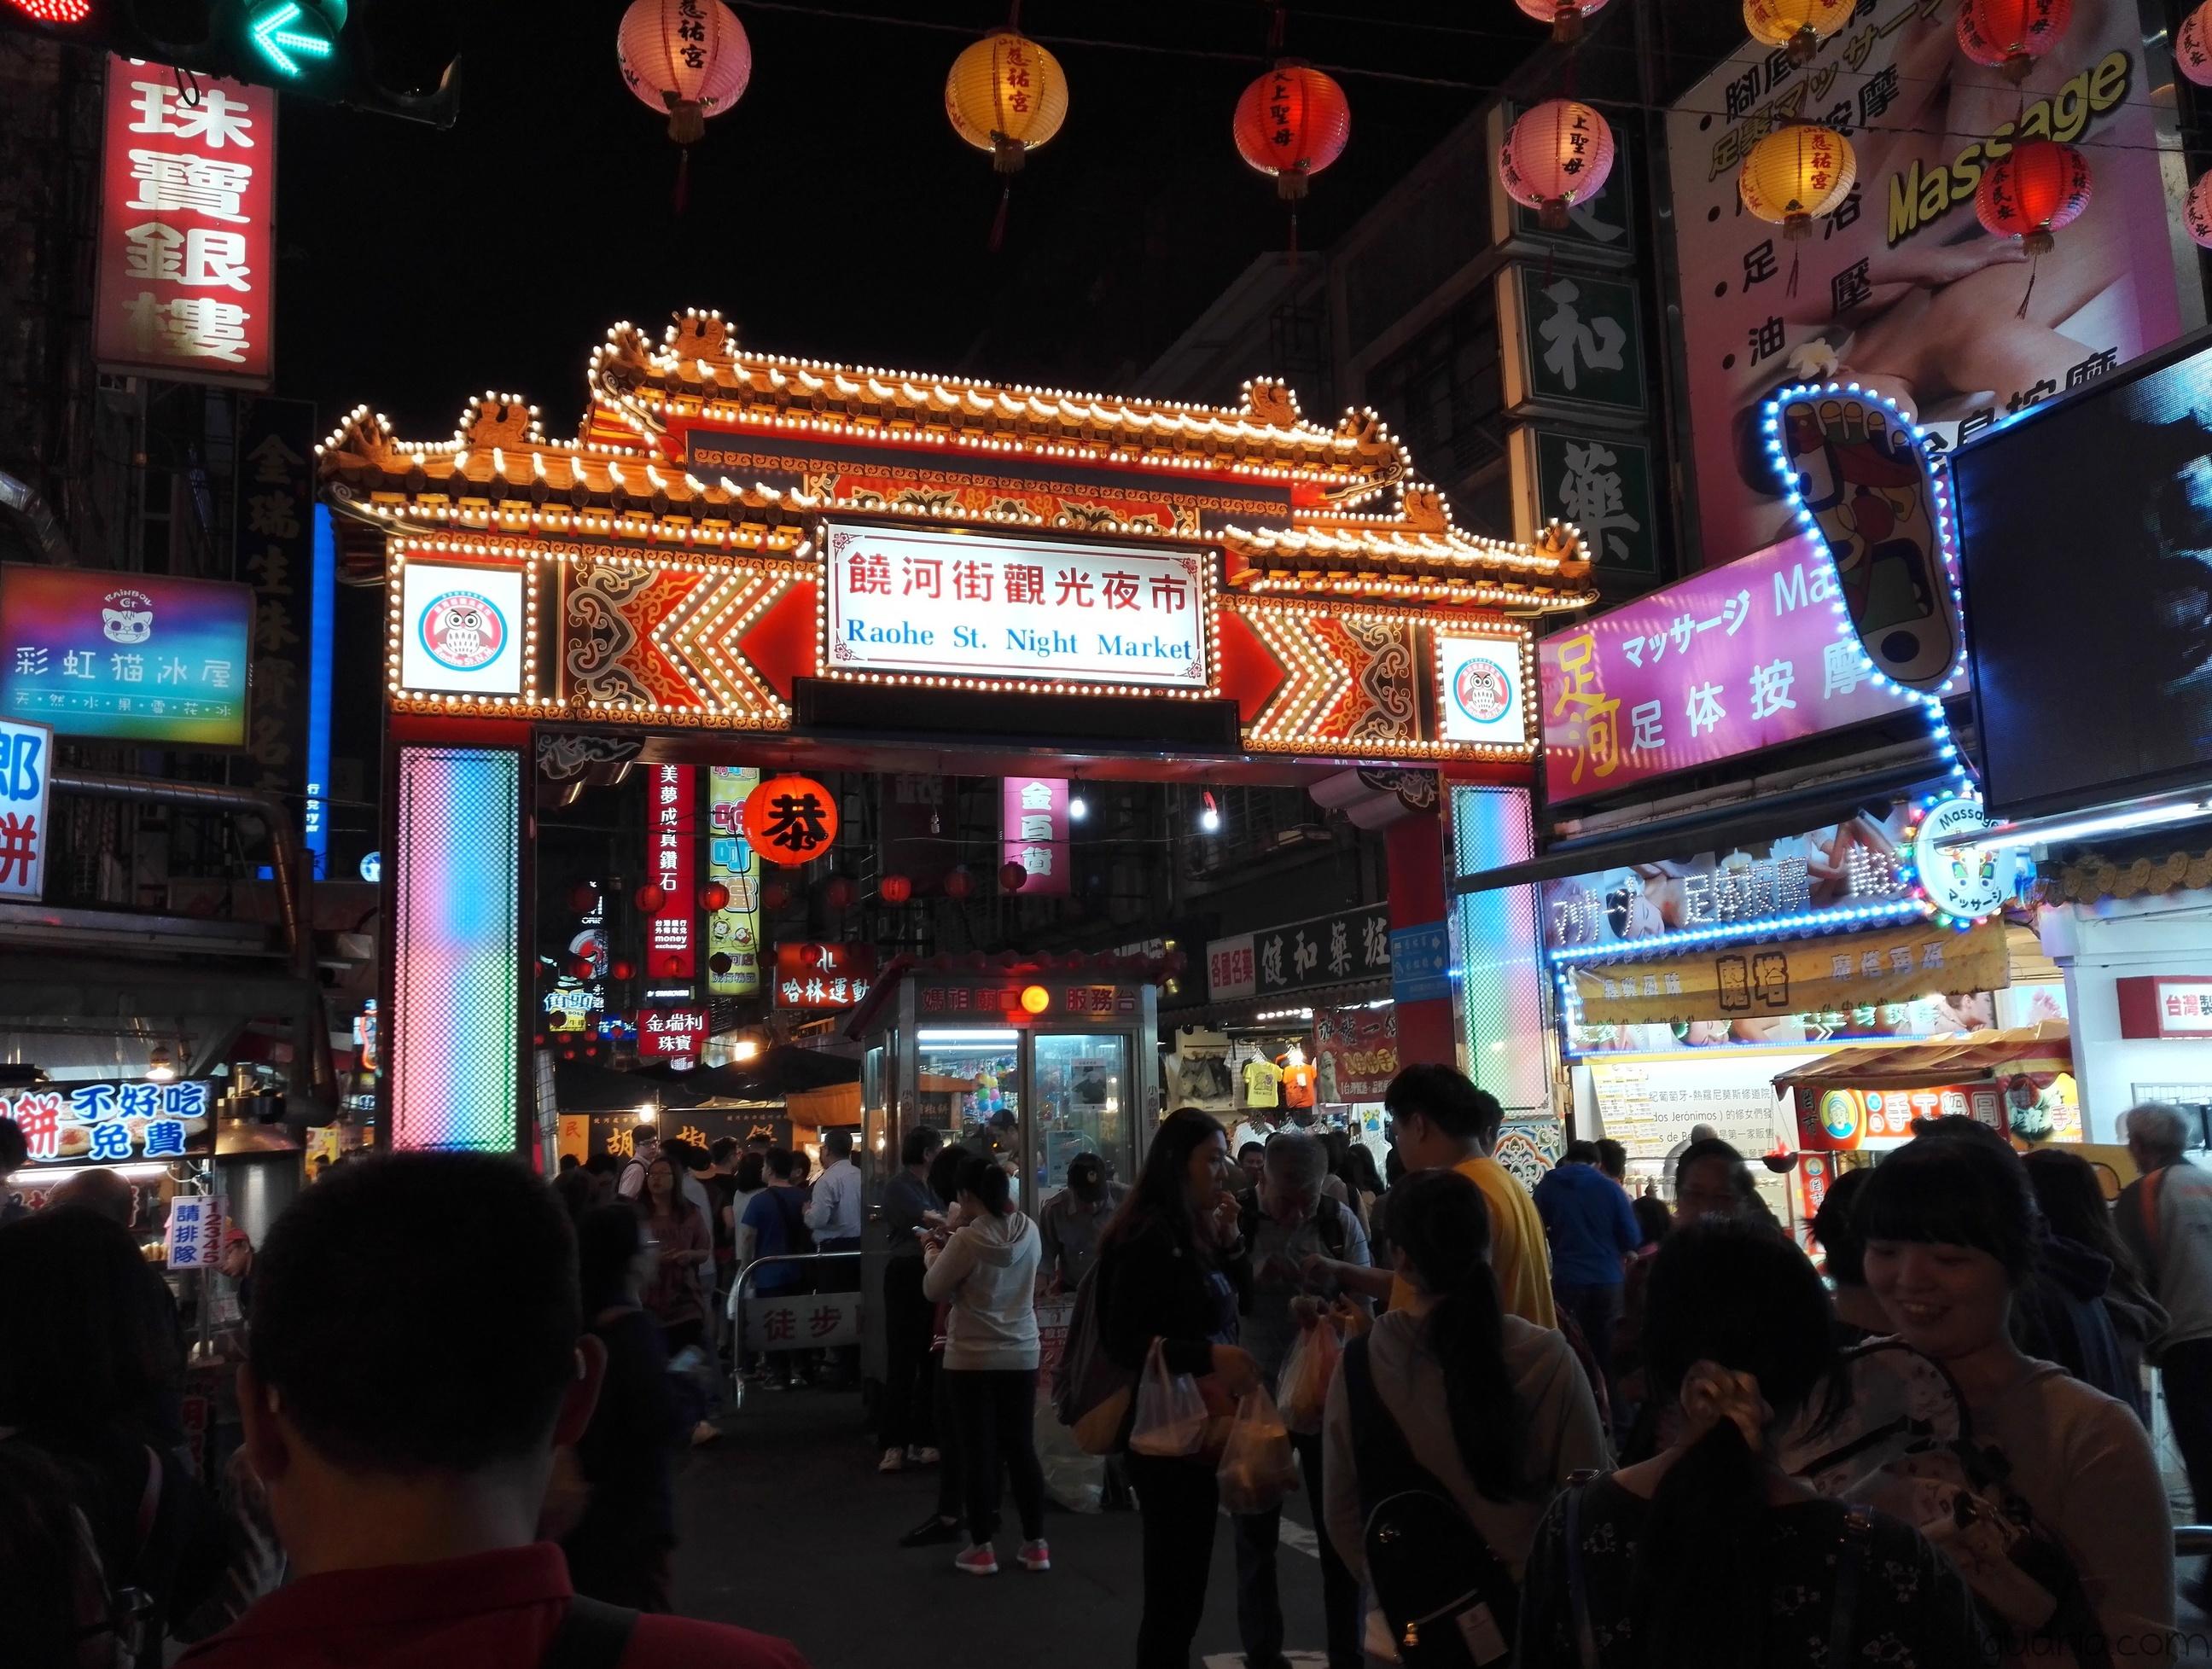 iguaria-taipei-mercado-de-noite-de-raohe-st-taiwan